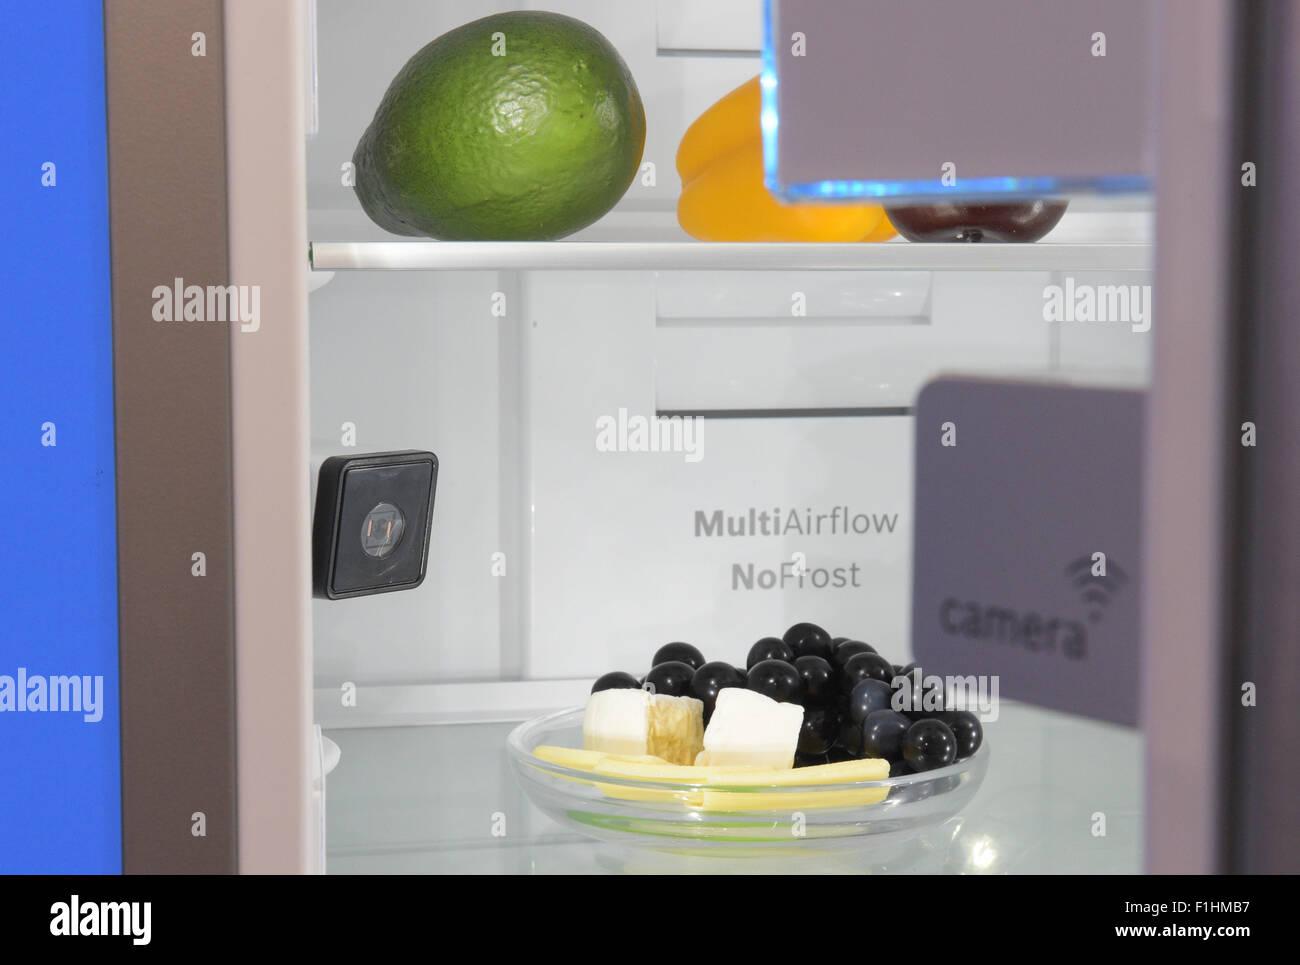 Bosch Kühlschrank Deutschland : Berlin deutschland. 2. sep 2015. zwei kameras die im kühlschrank